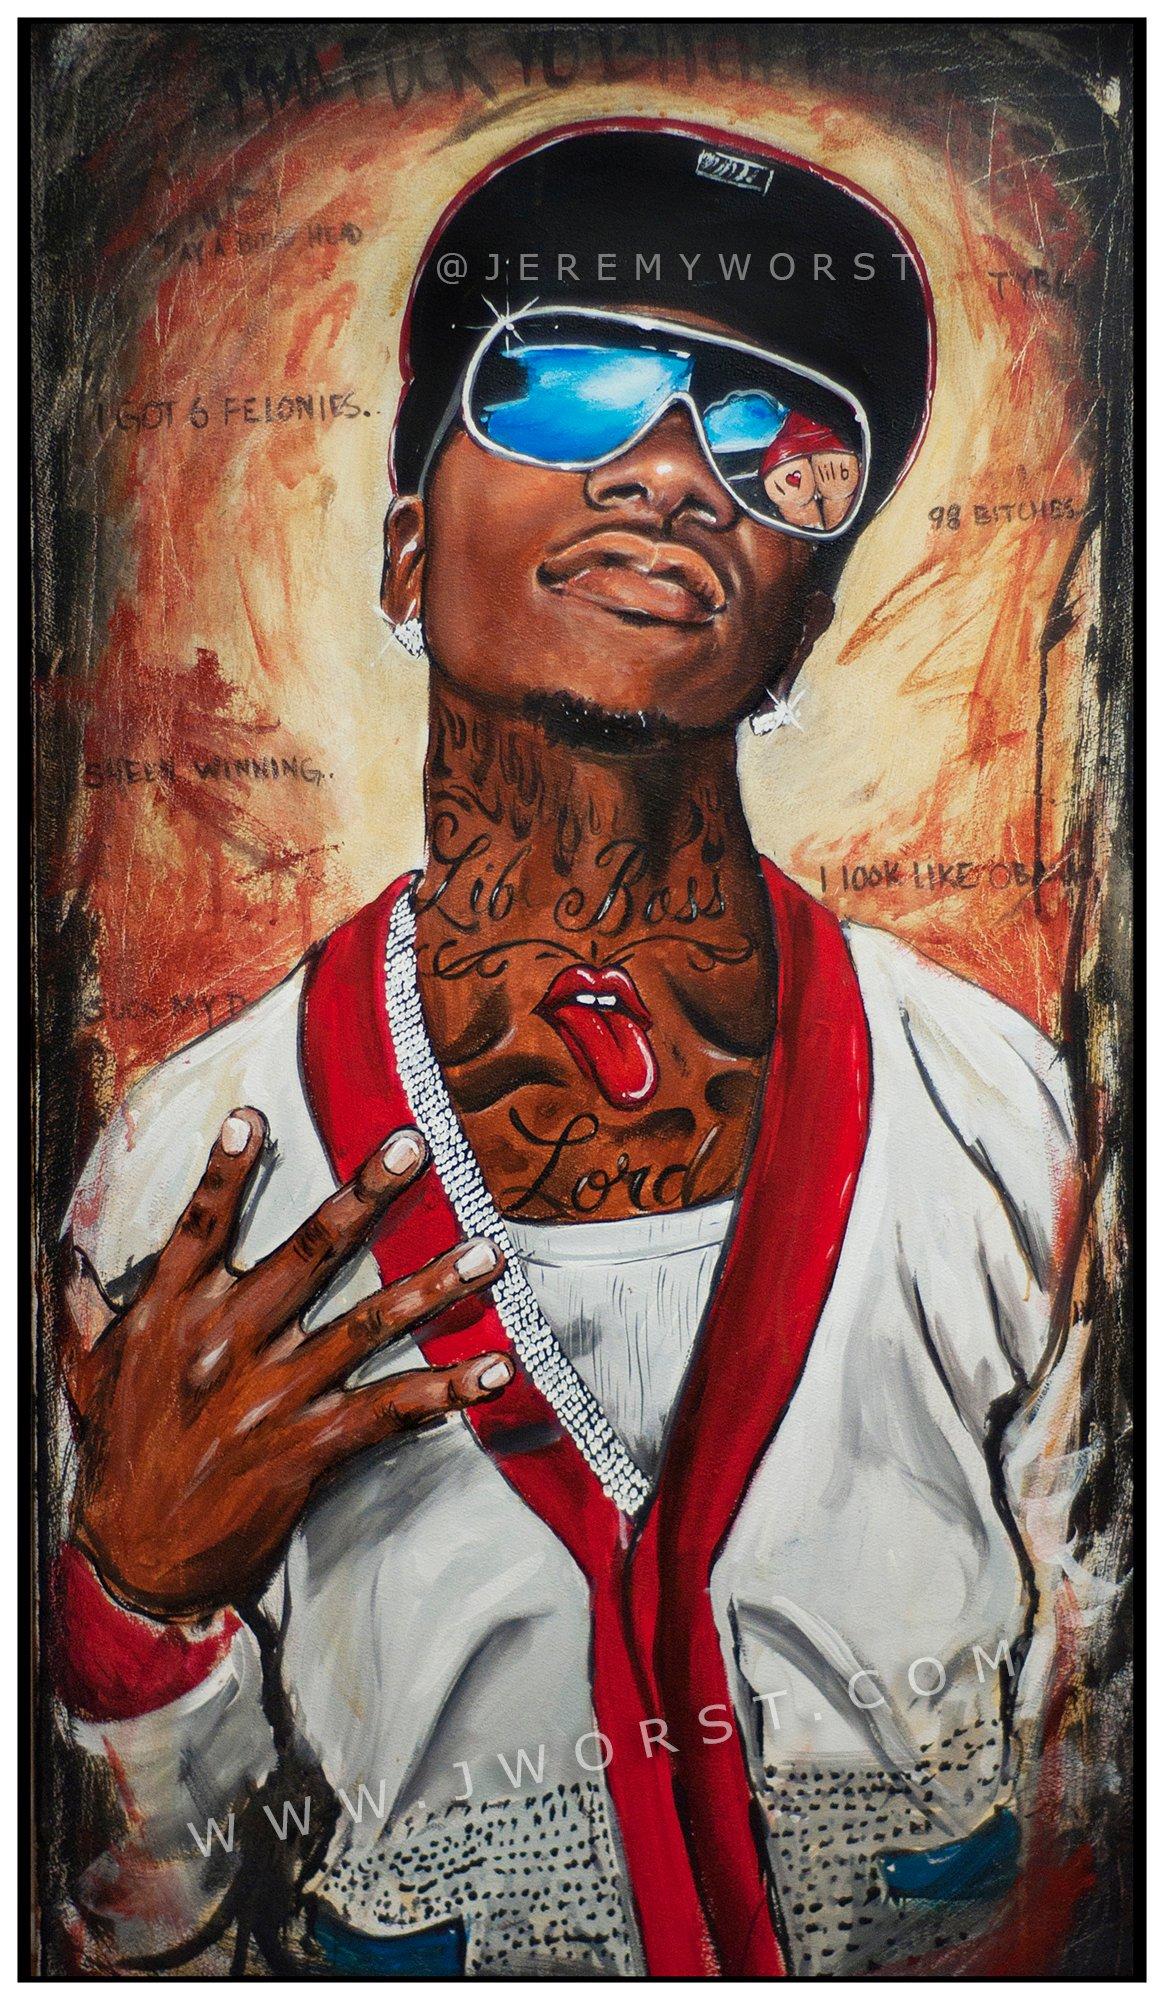 Image of JEREMY WORST Lil B the BasedGod Original Artwork Signed Print poster